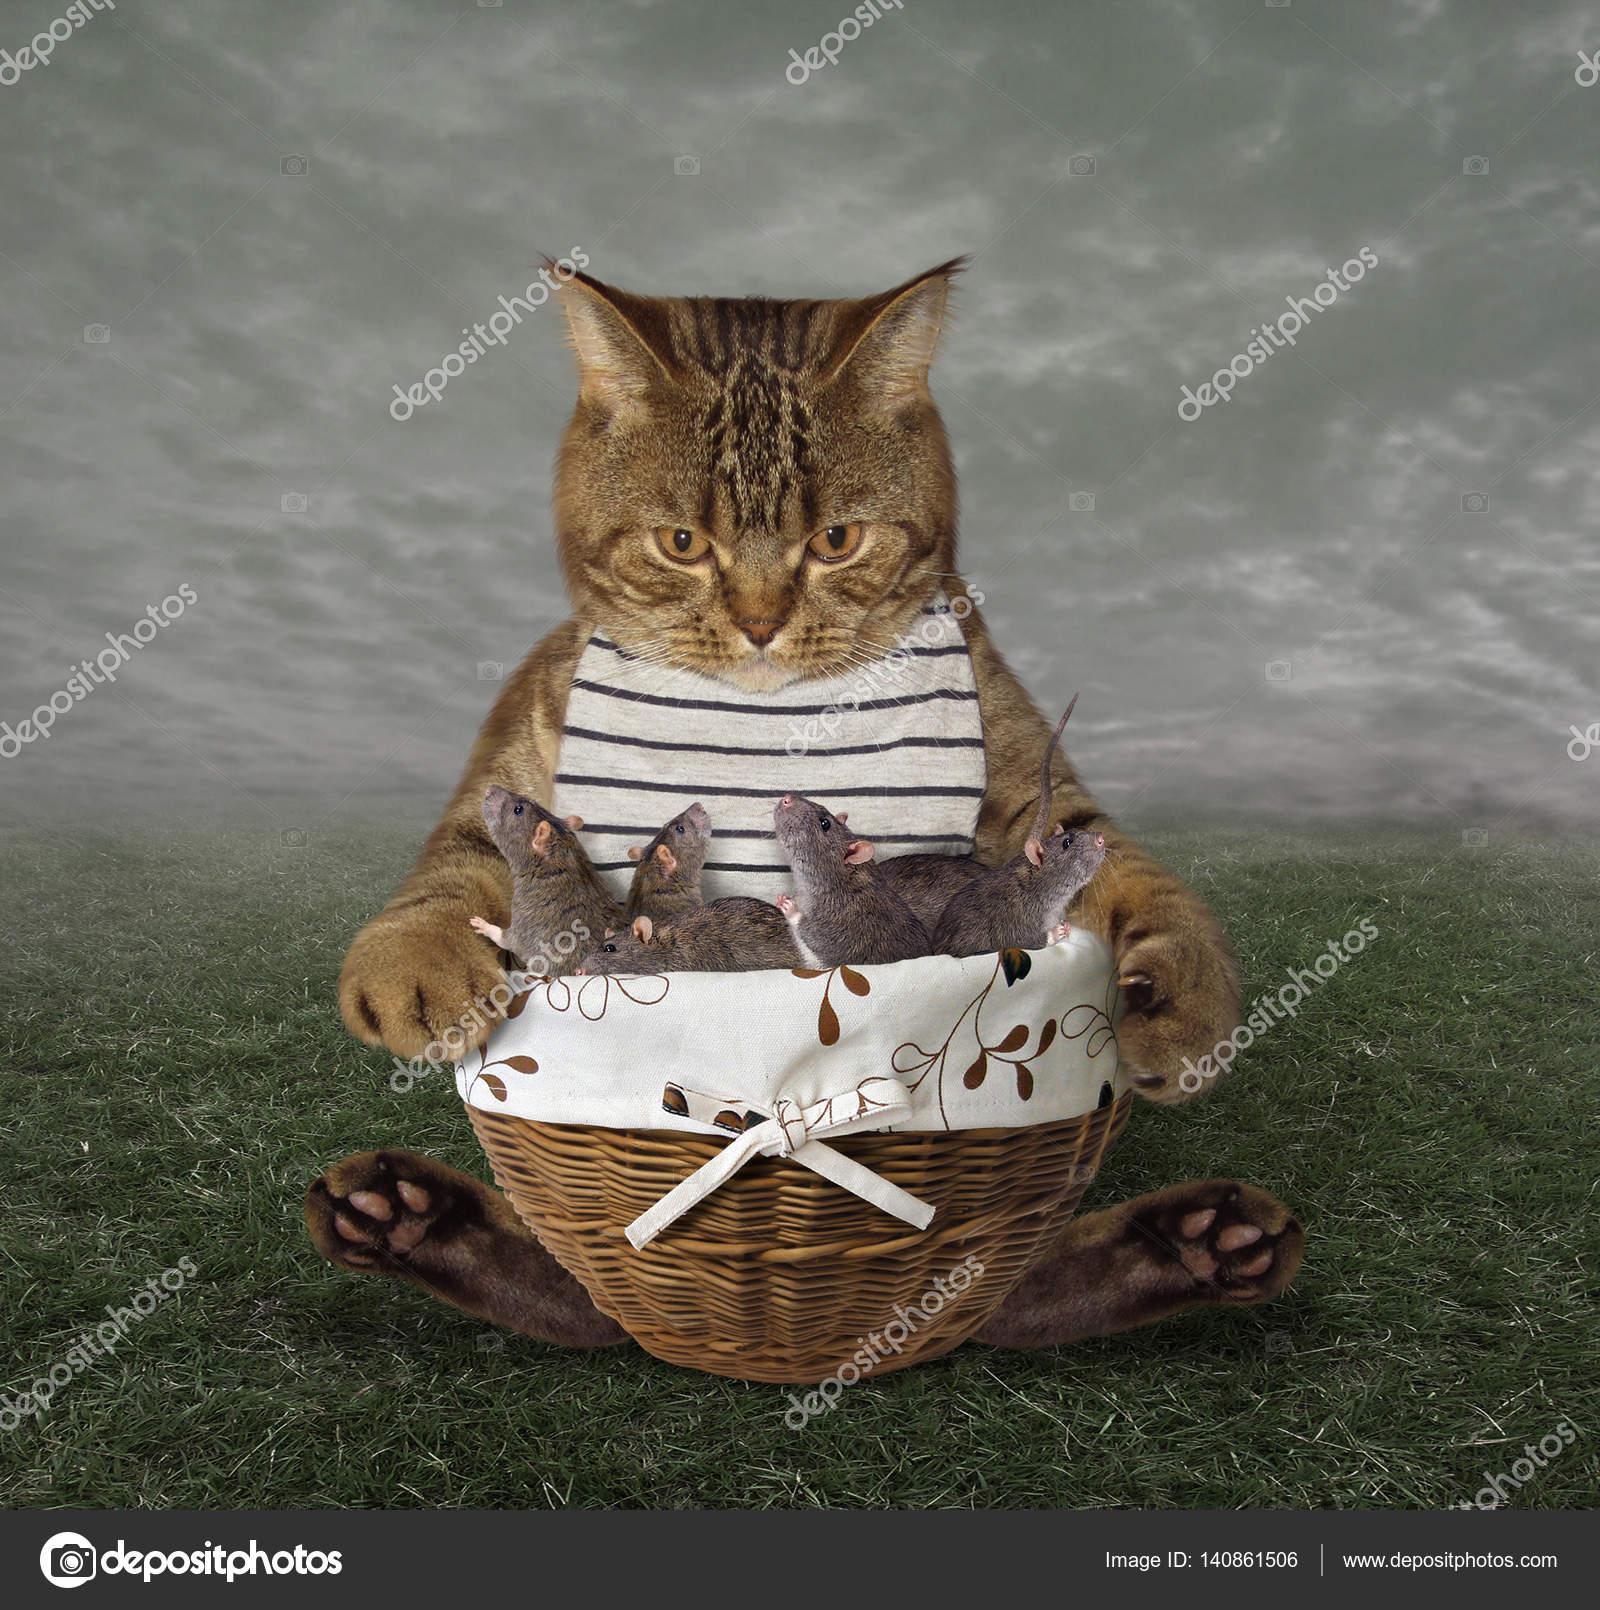 Il Gatto E Un Cesto Con I Topi Foto Stock Iridi 140861506